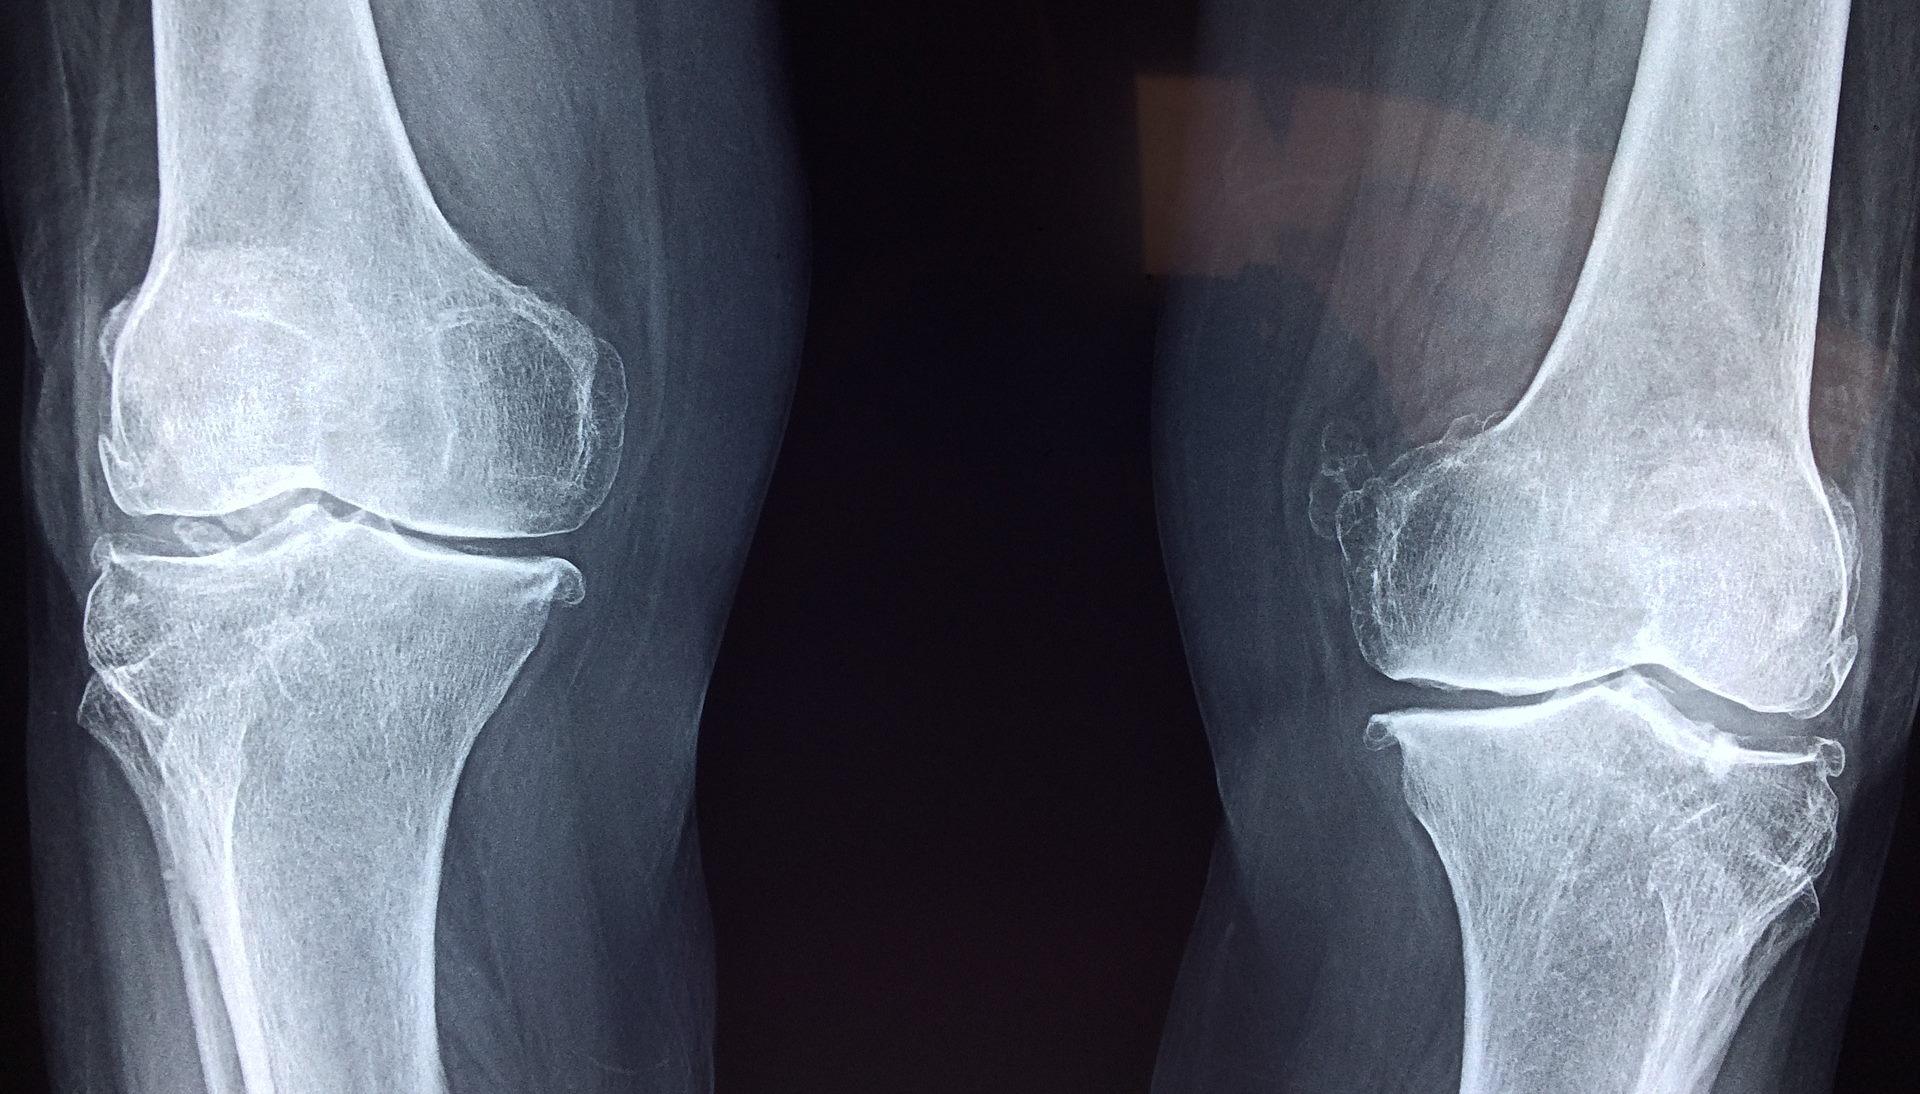 Kniegelenke Röntgenbild